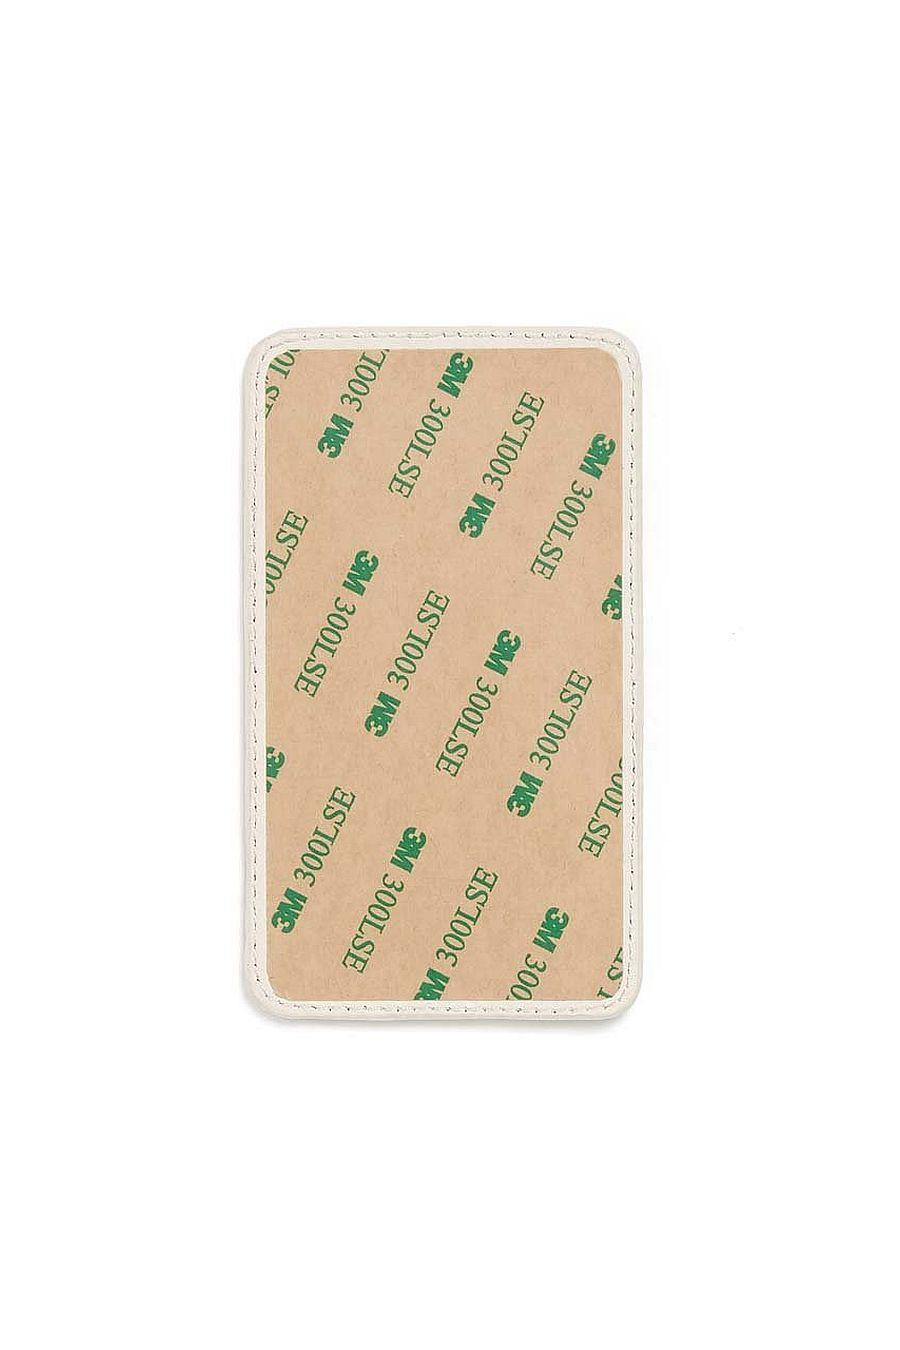 Ban.do Adhesive Card Holder - Coming Up Roses